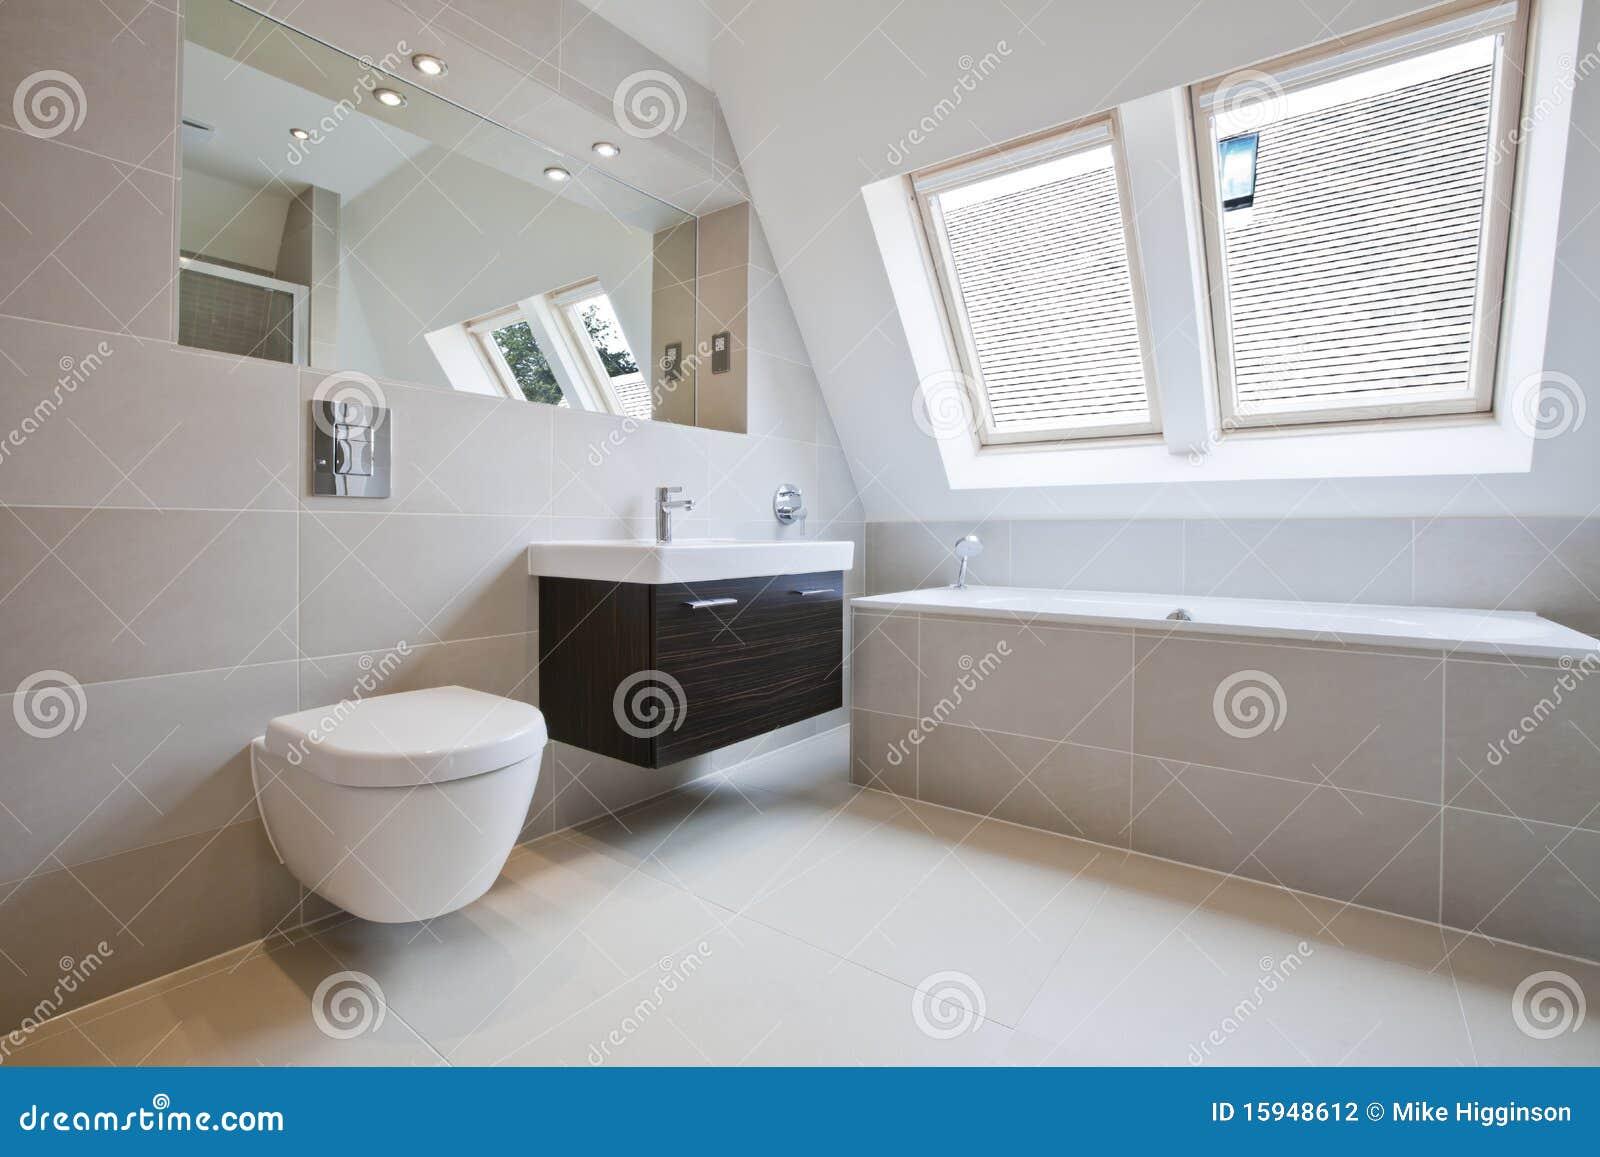 Salle de bain de luxe marseille avec Plus De Clarté Photographies ...